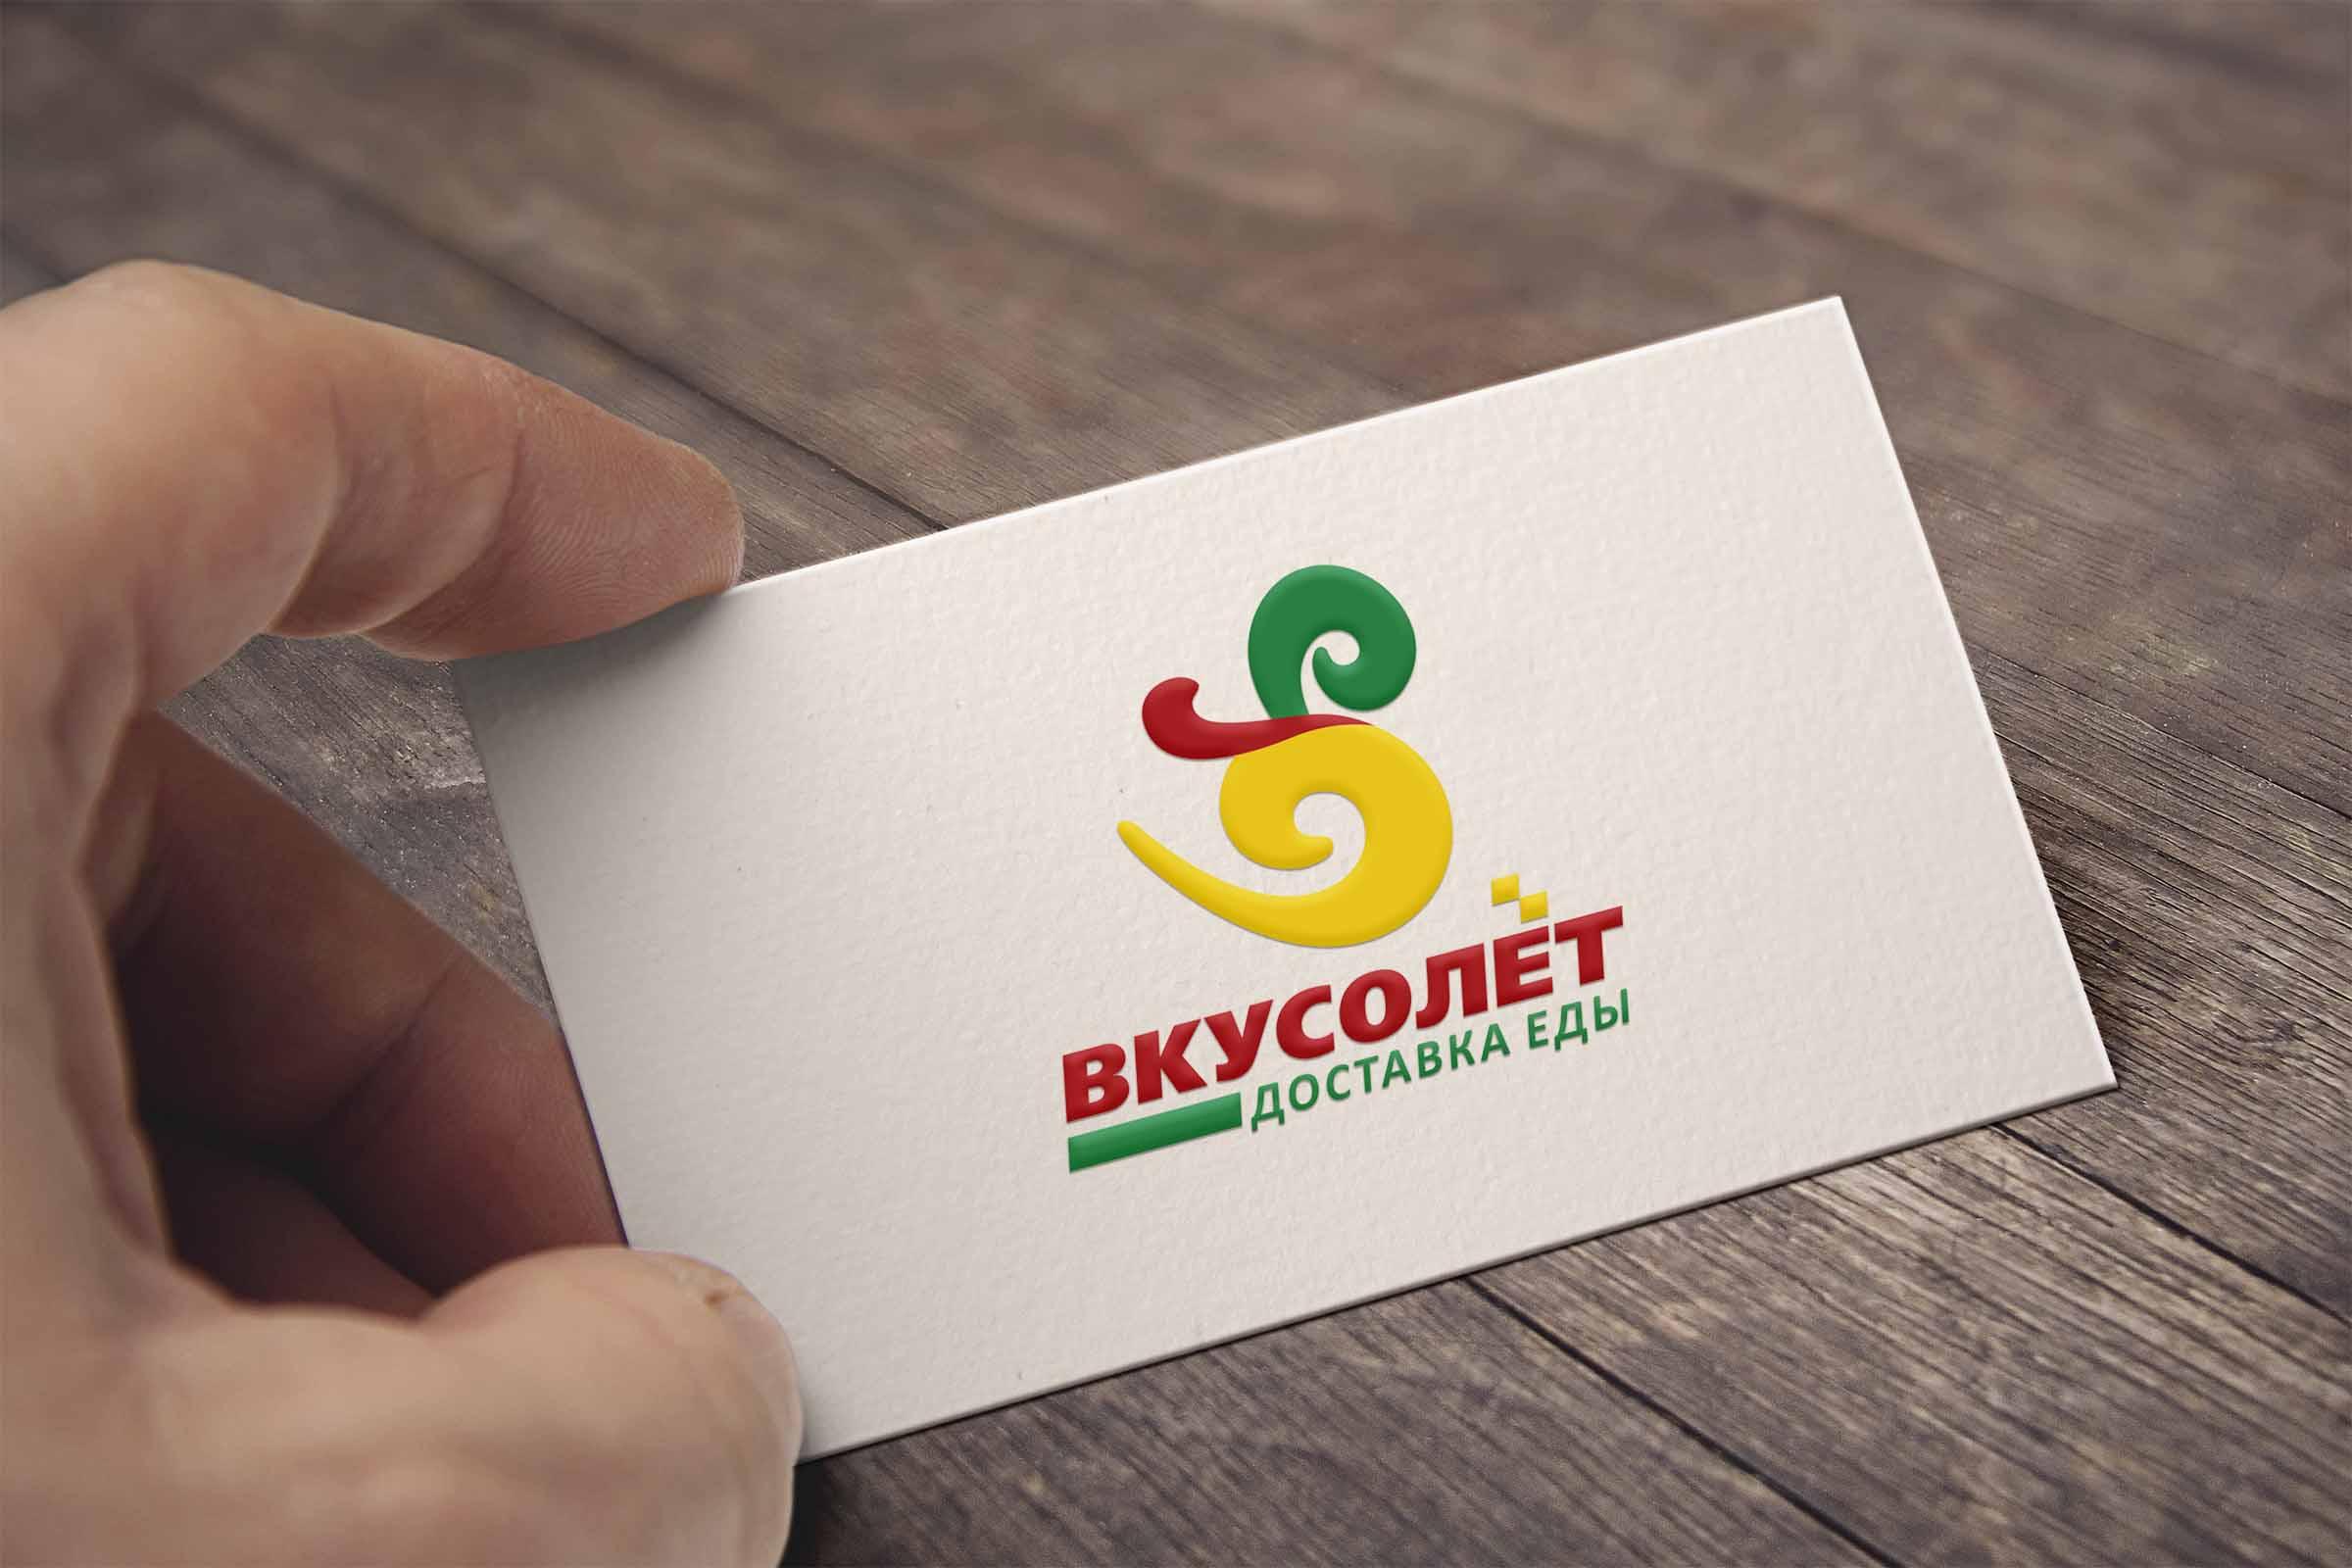 Логотип для доставки еды фото f_76459de5060beca5.jpg